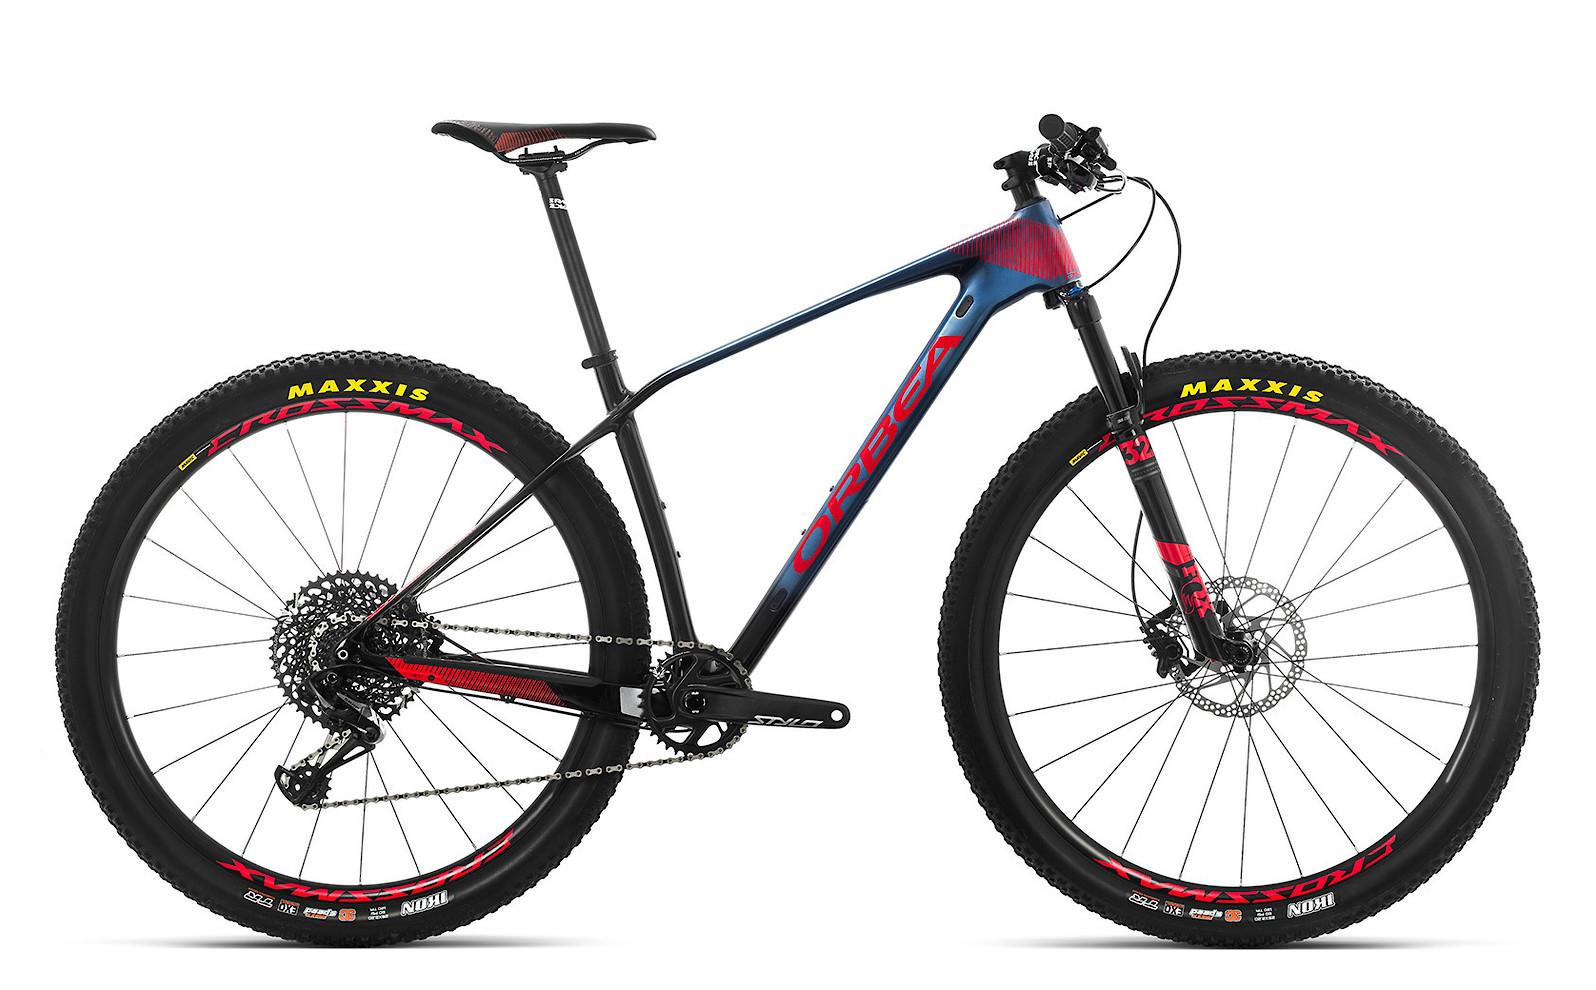 2019 Orbea Alma M25 Bike